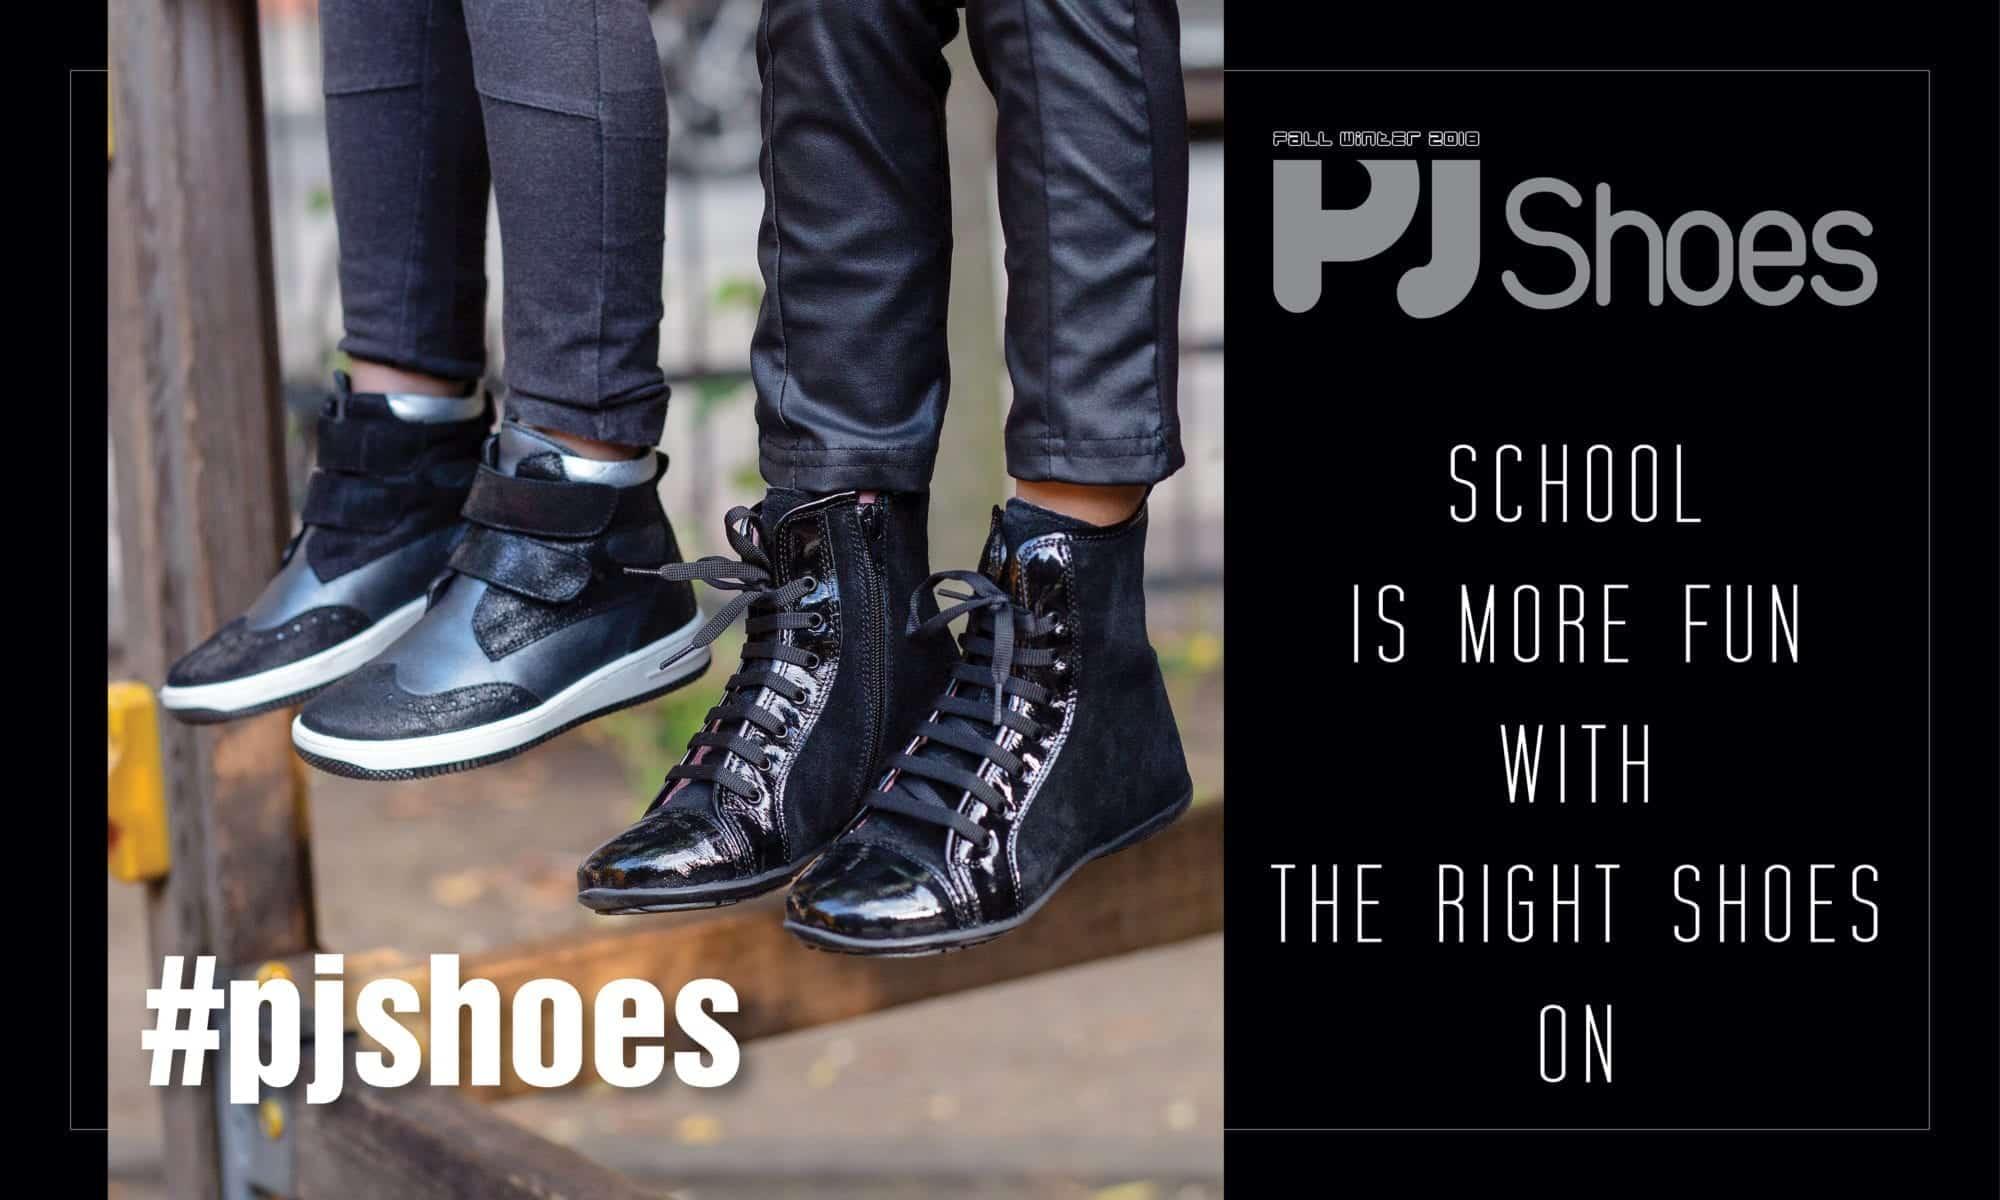 PJ Shoes